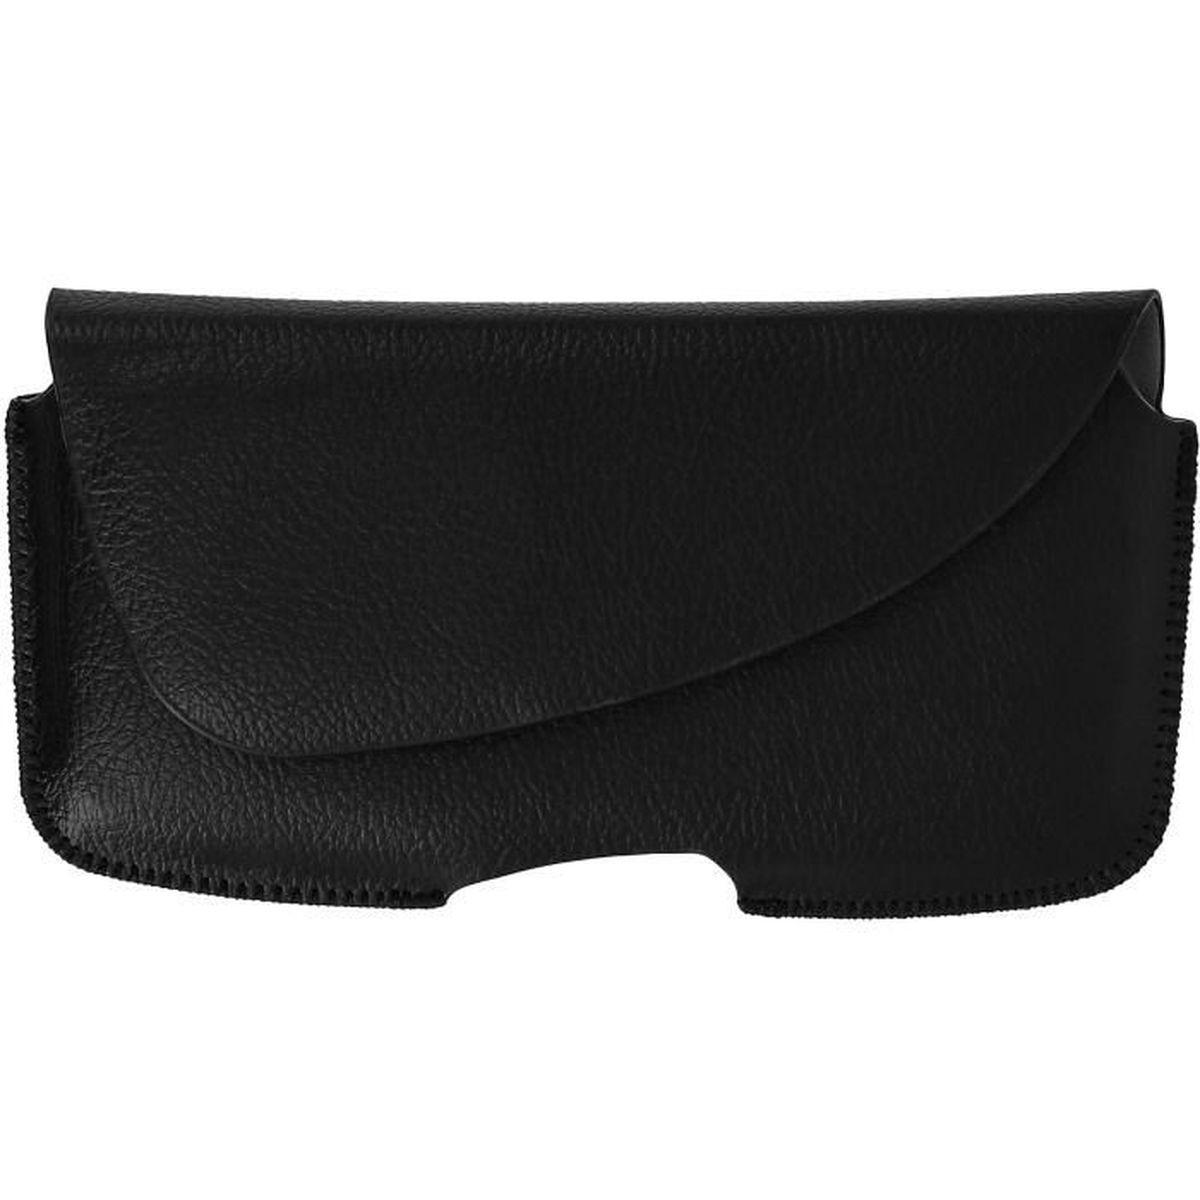 Etui ceinture pour smartphone universelle - Achat   Vente pas cher 08662388440